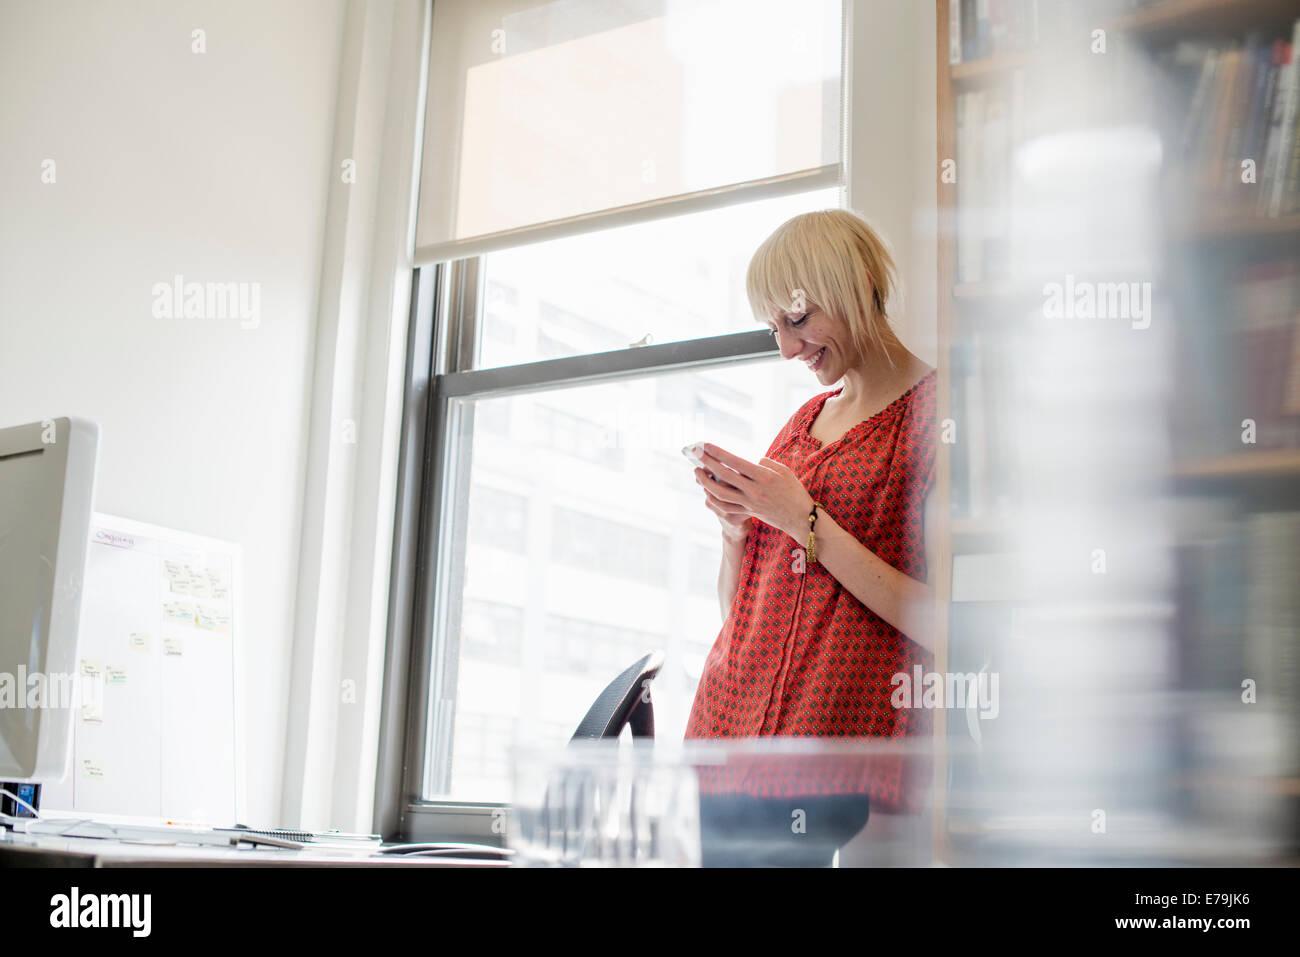 La vie de bureau. Une jeune femme contrôler son téléphone cellulaire. Photo Stock